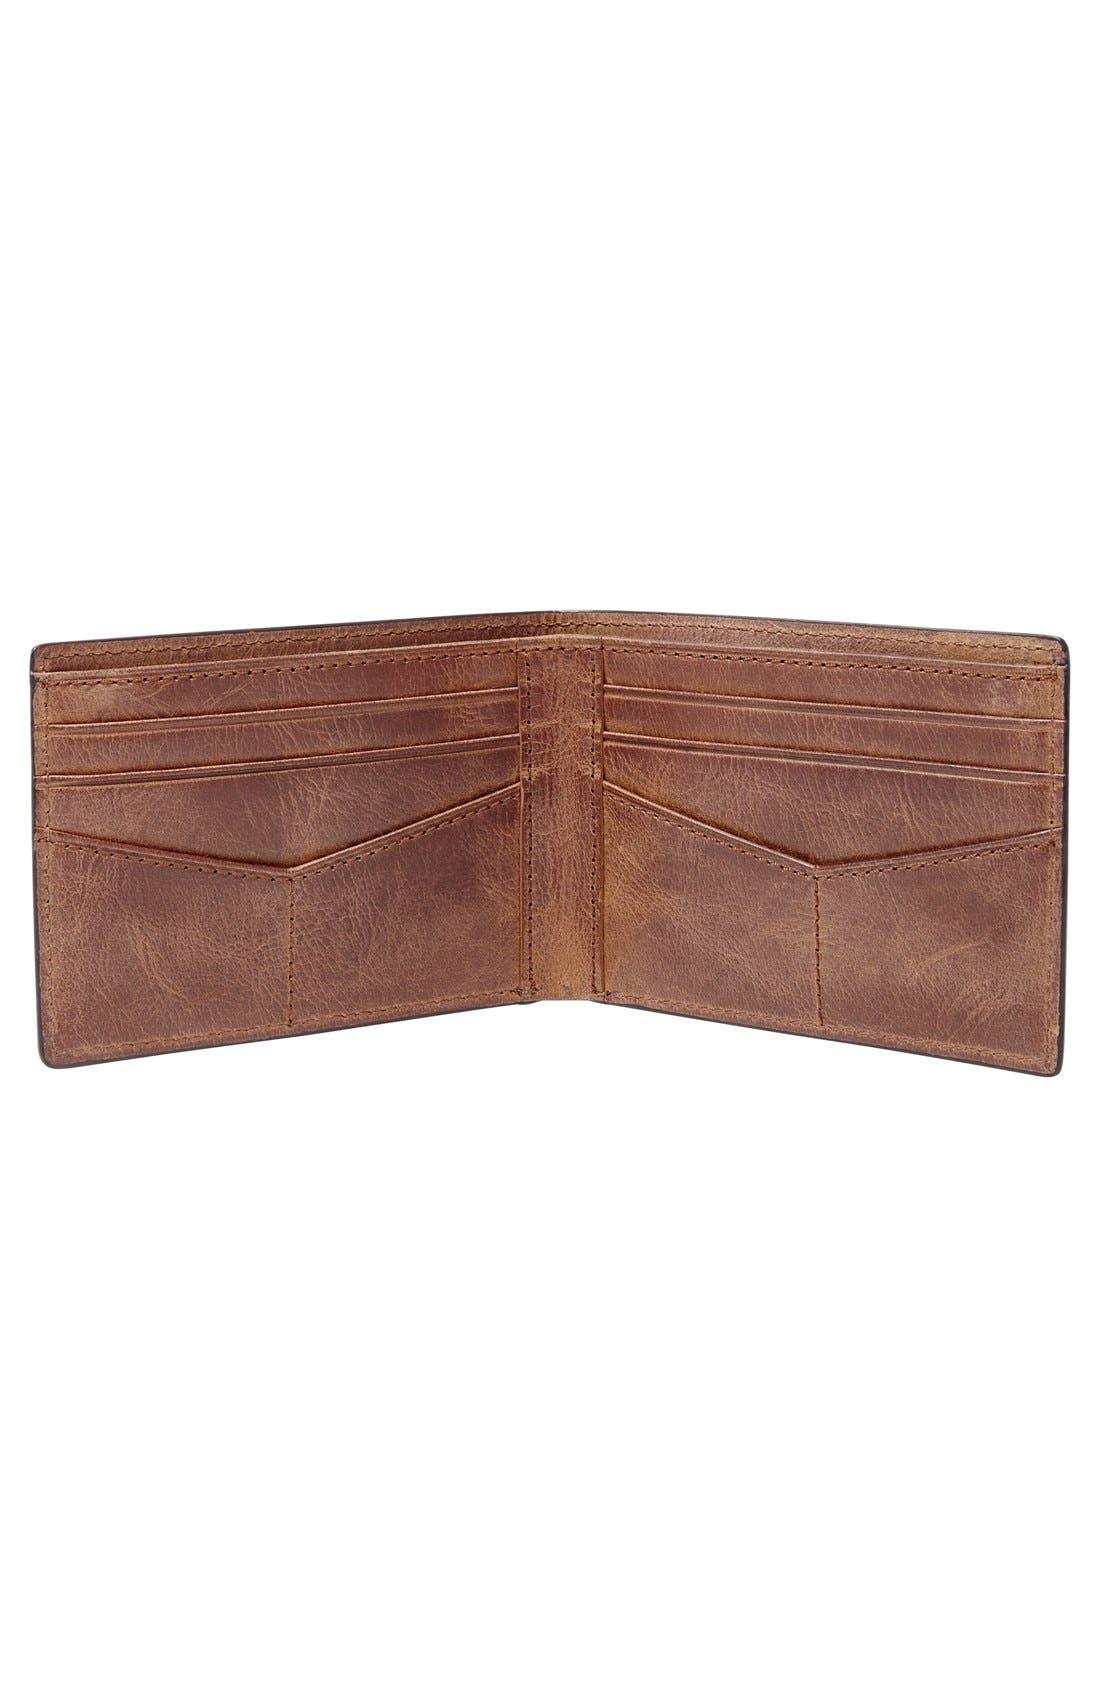 Alternate Image 2  - Fossil 'Derrick' Leather Front Pocket Bifold Wallet